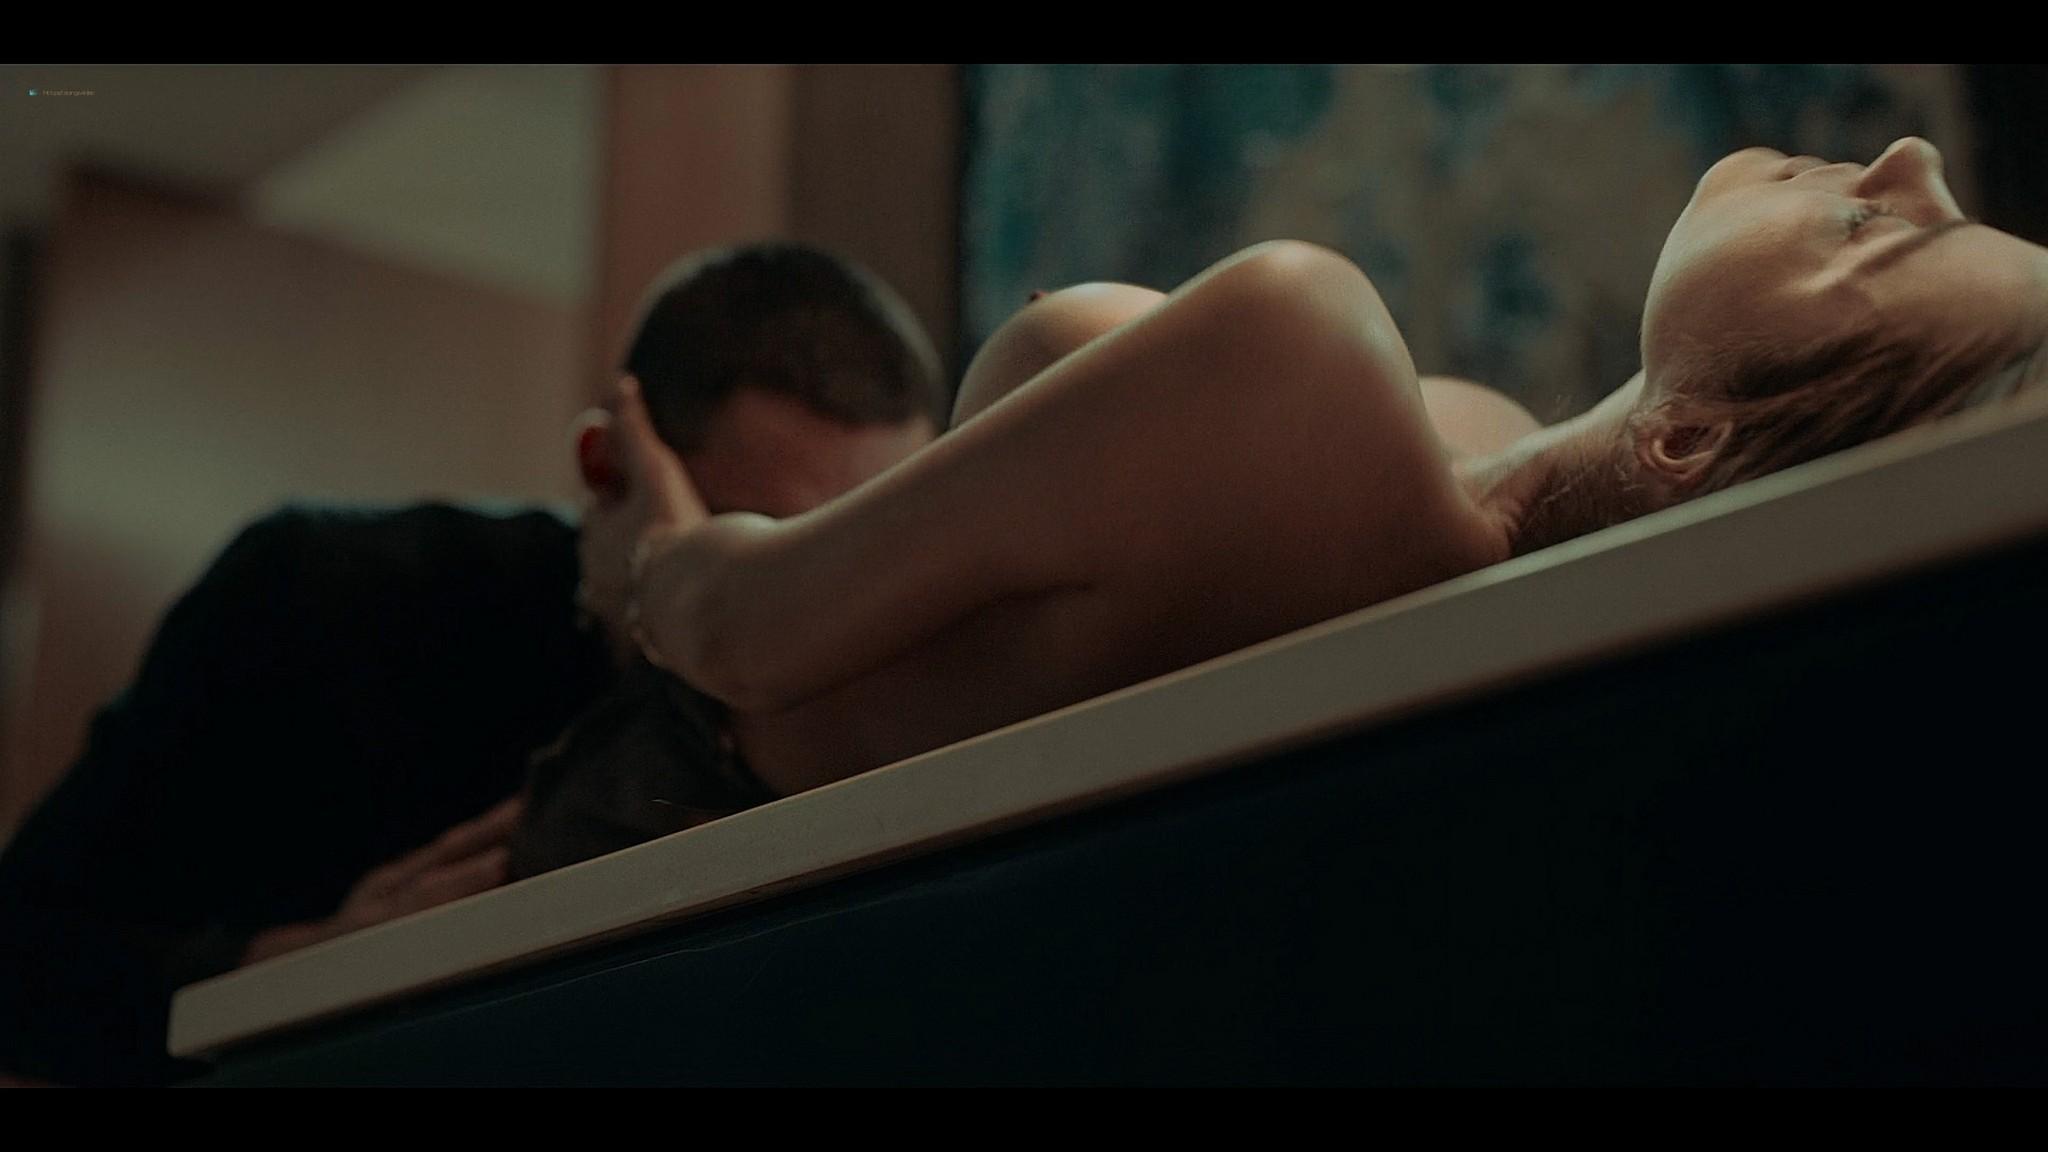 Maite Perroni nude sex Maria Fernanda Yepes Regina Pavon hot sex Dark Desire 2020 s1e1 2 HD 1080p Web 06